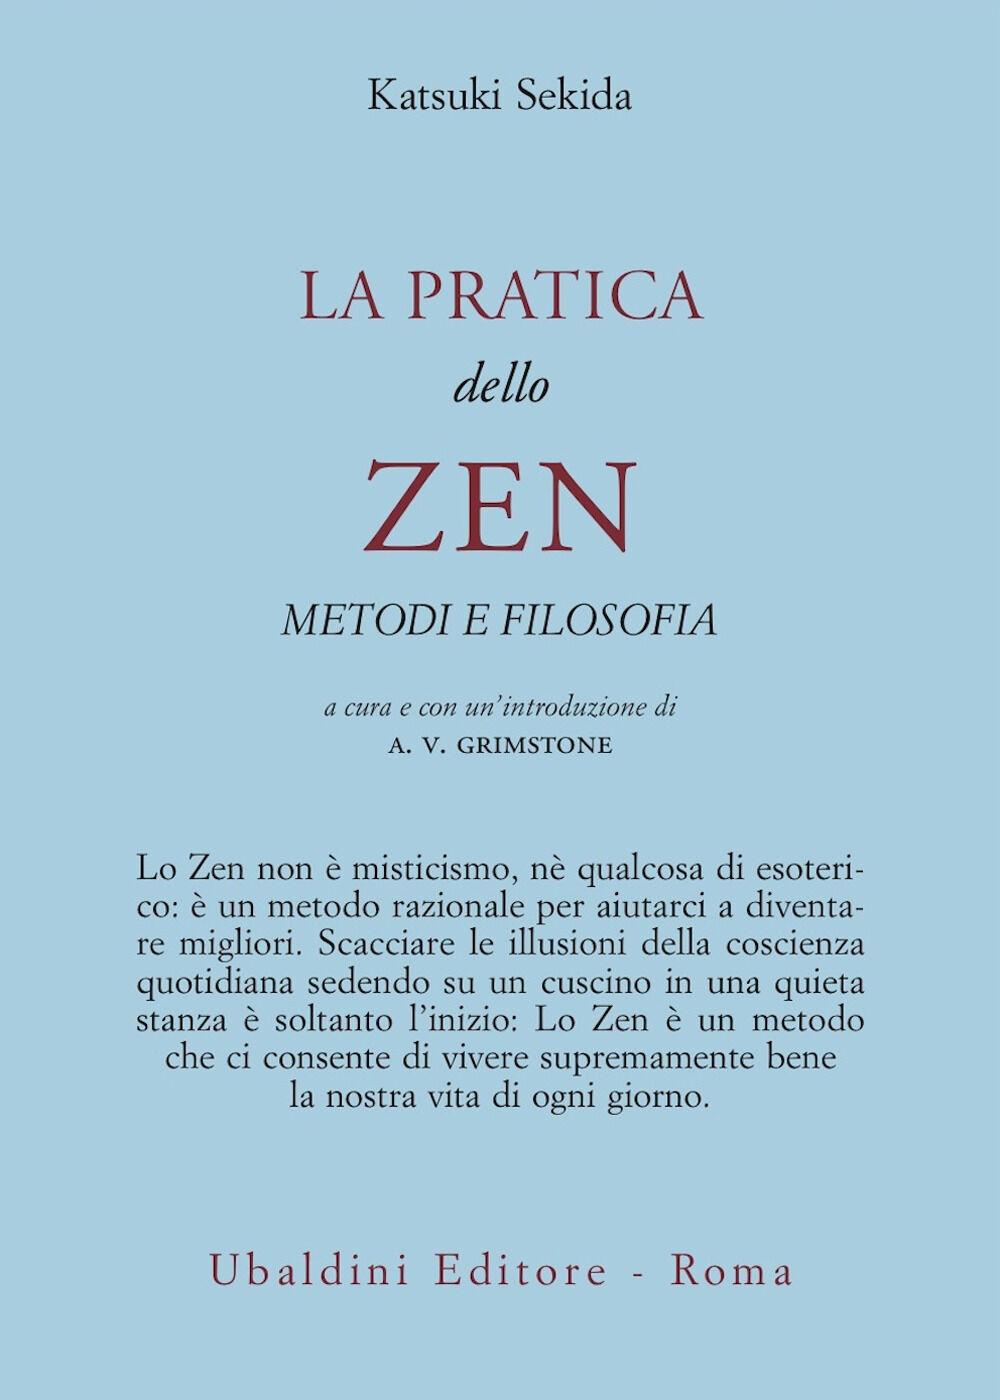 La pratica dello zen. Metodi e filosofia